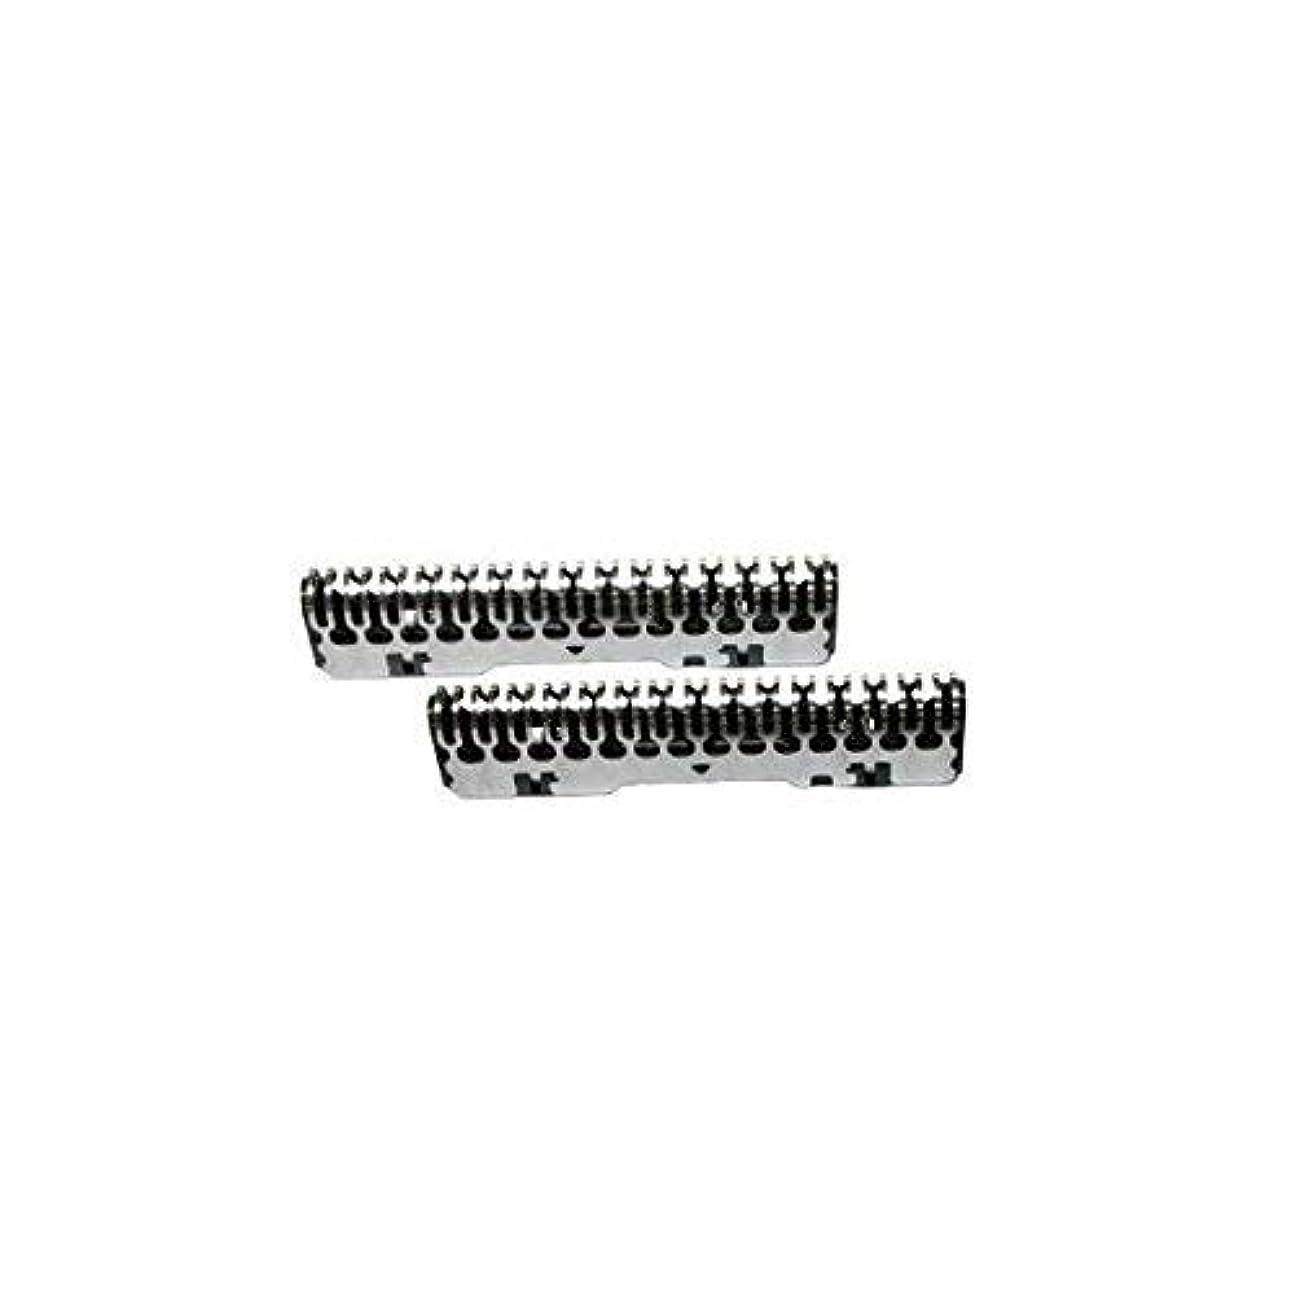 アームストロングチャンバー細断イズミ 交換用替刃(内刃)IZUMI SI-V65